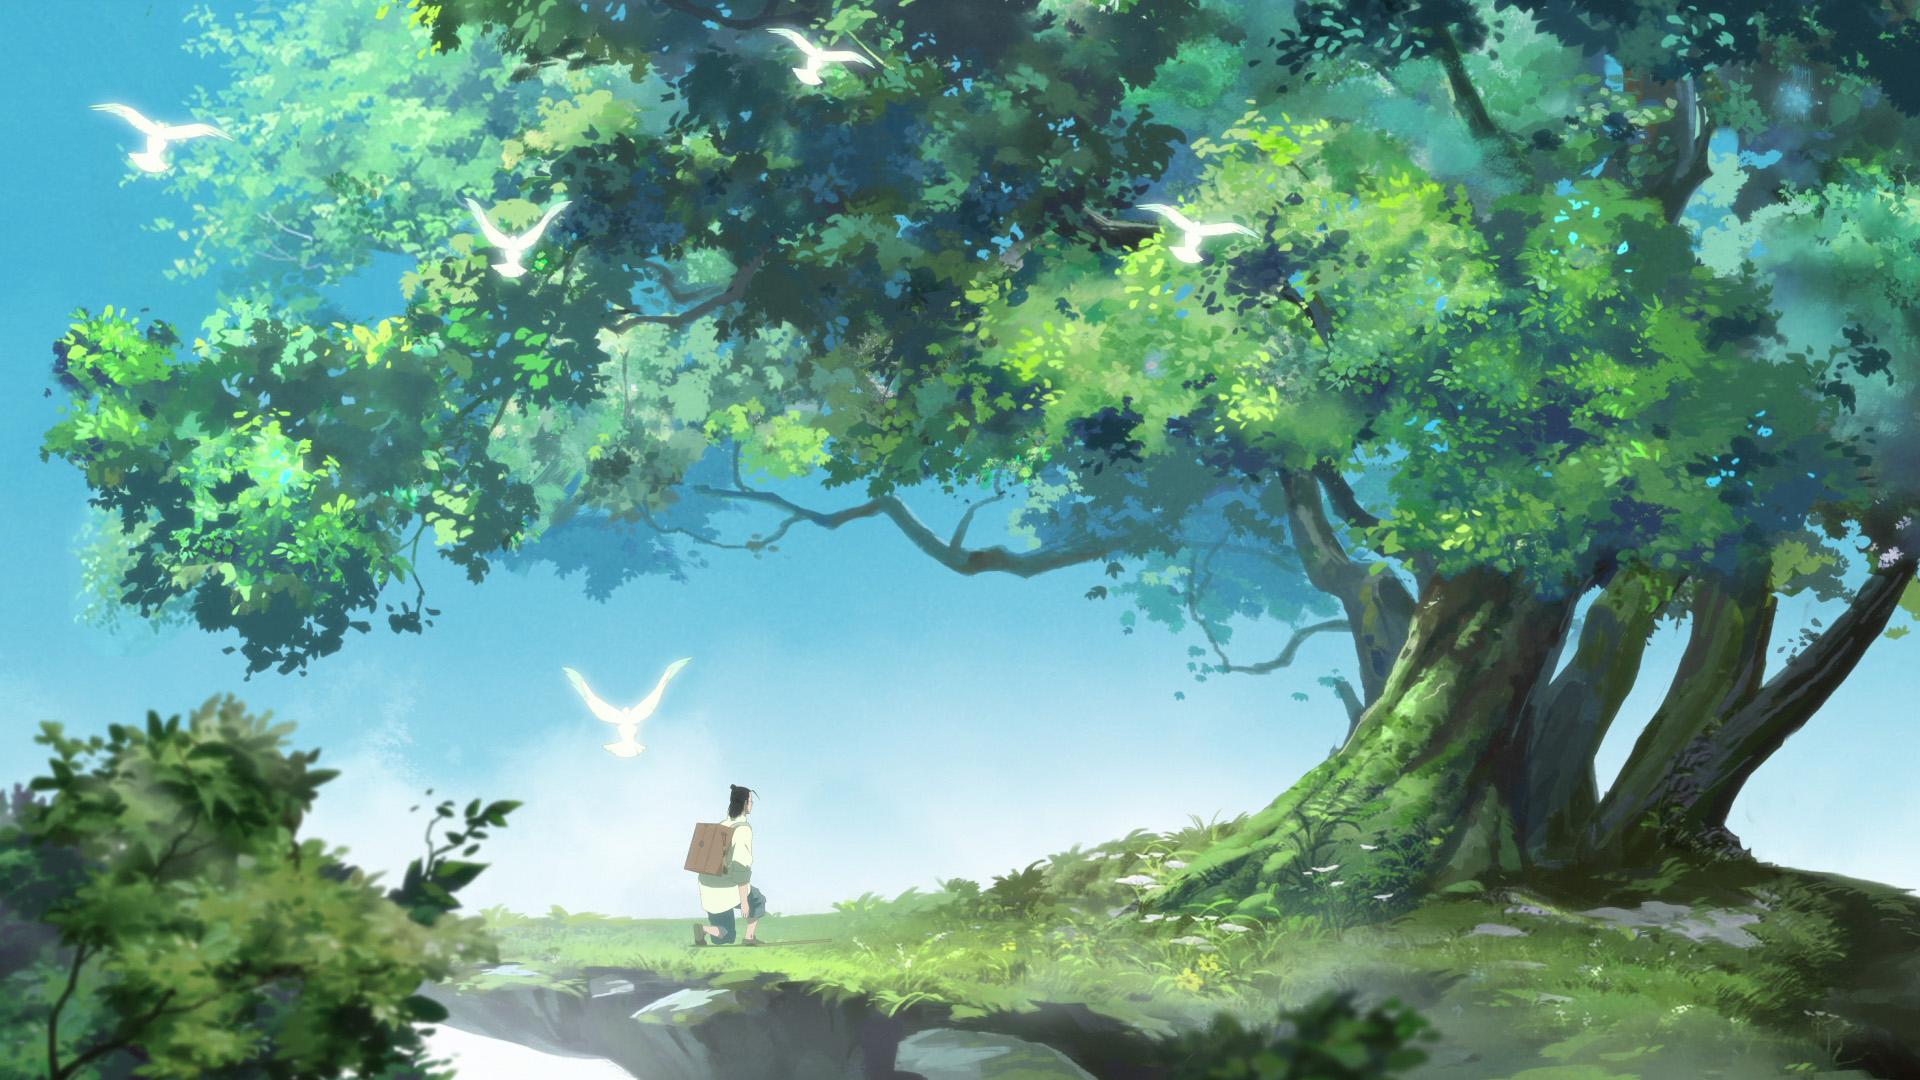 【新作发布】中传合道原创动画《丹青先生》主题曲首发